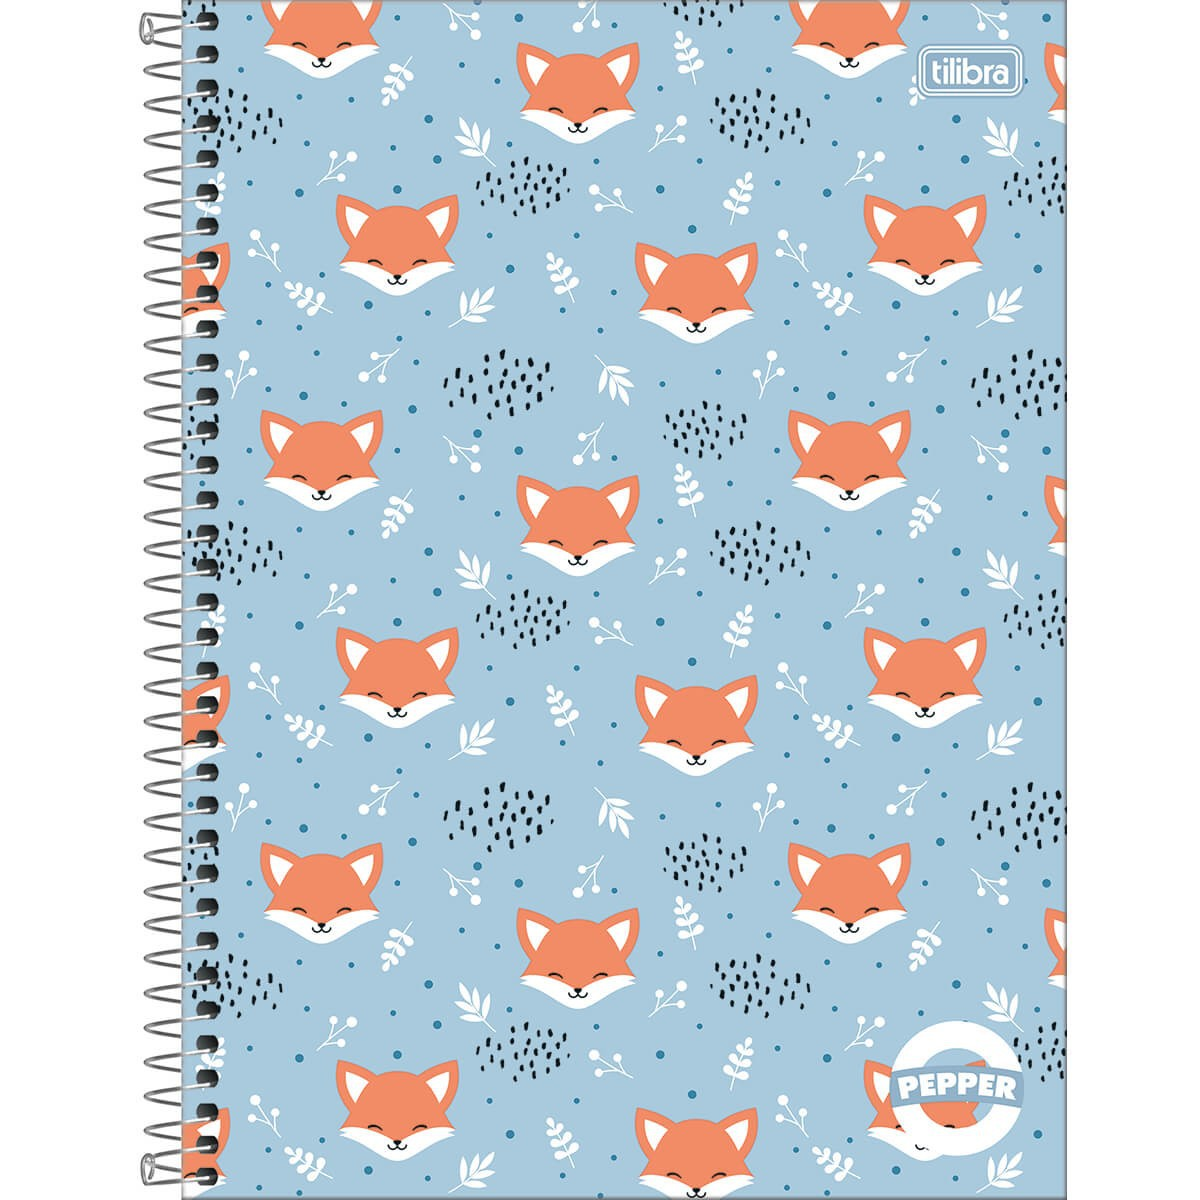 Caderno Espiral Capa Dura Universitário 16 Matérias Pepper Feminino 256 Folhas (Pacote com 2 unidades) - Sortido